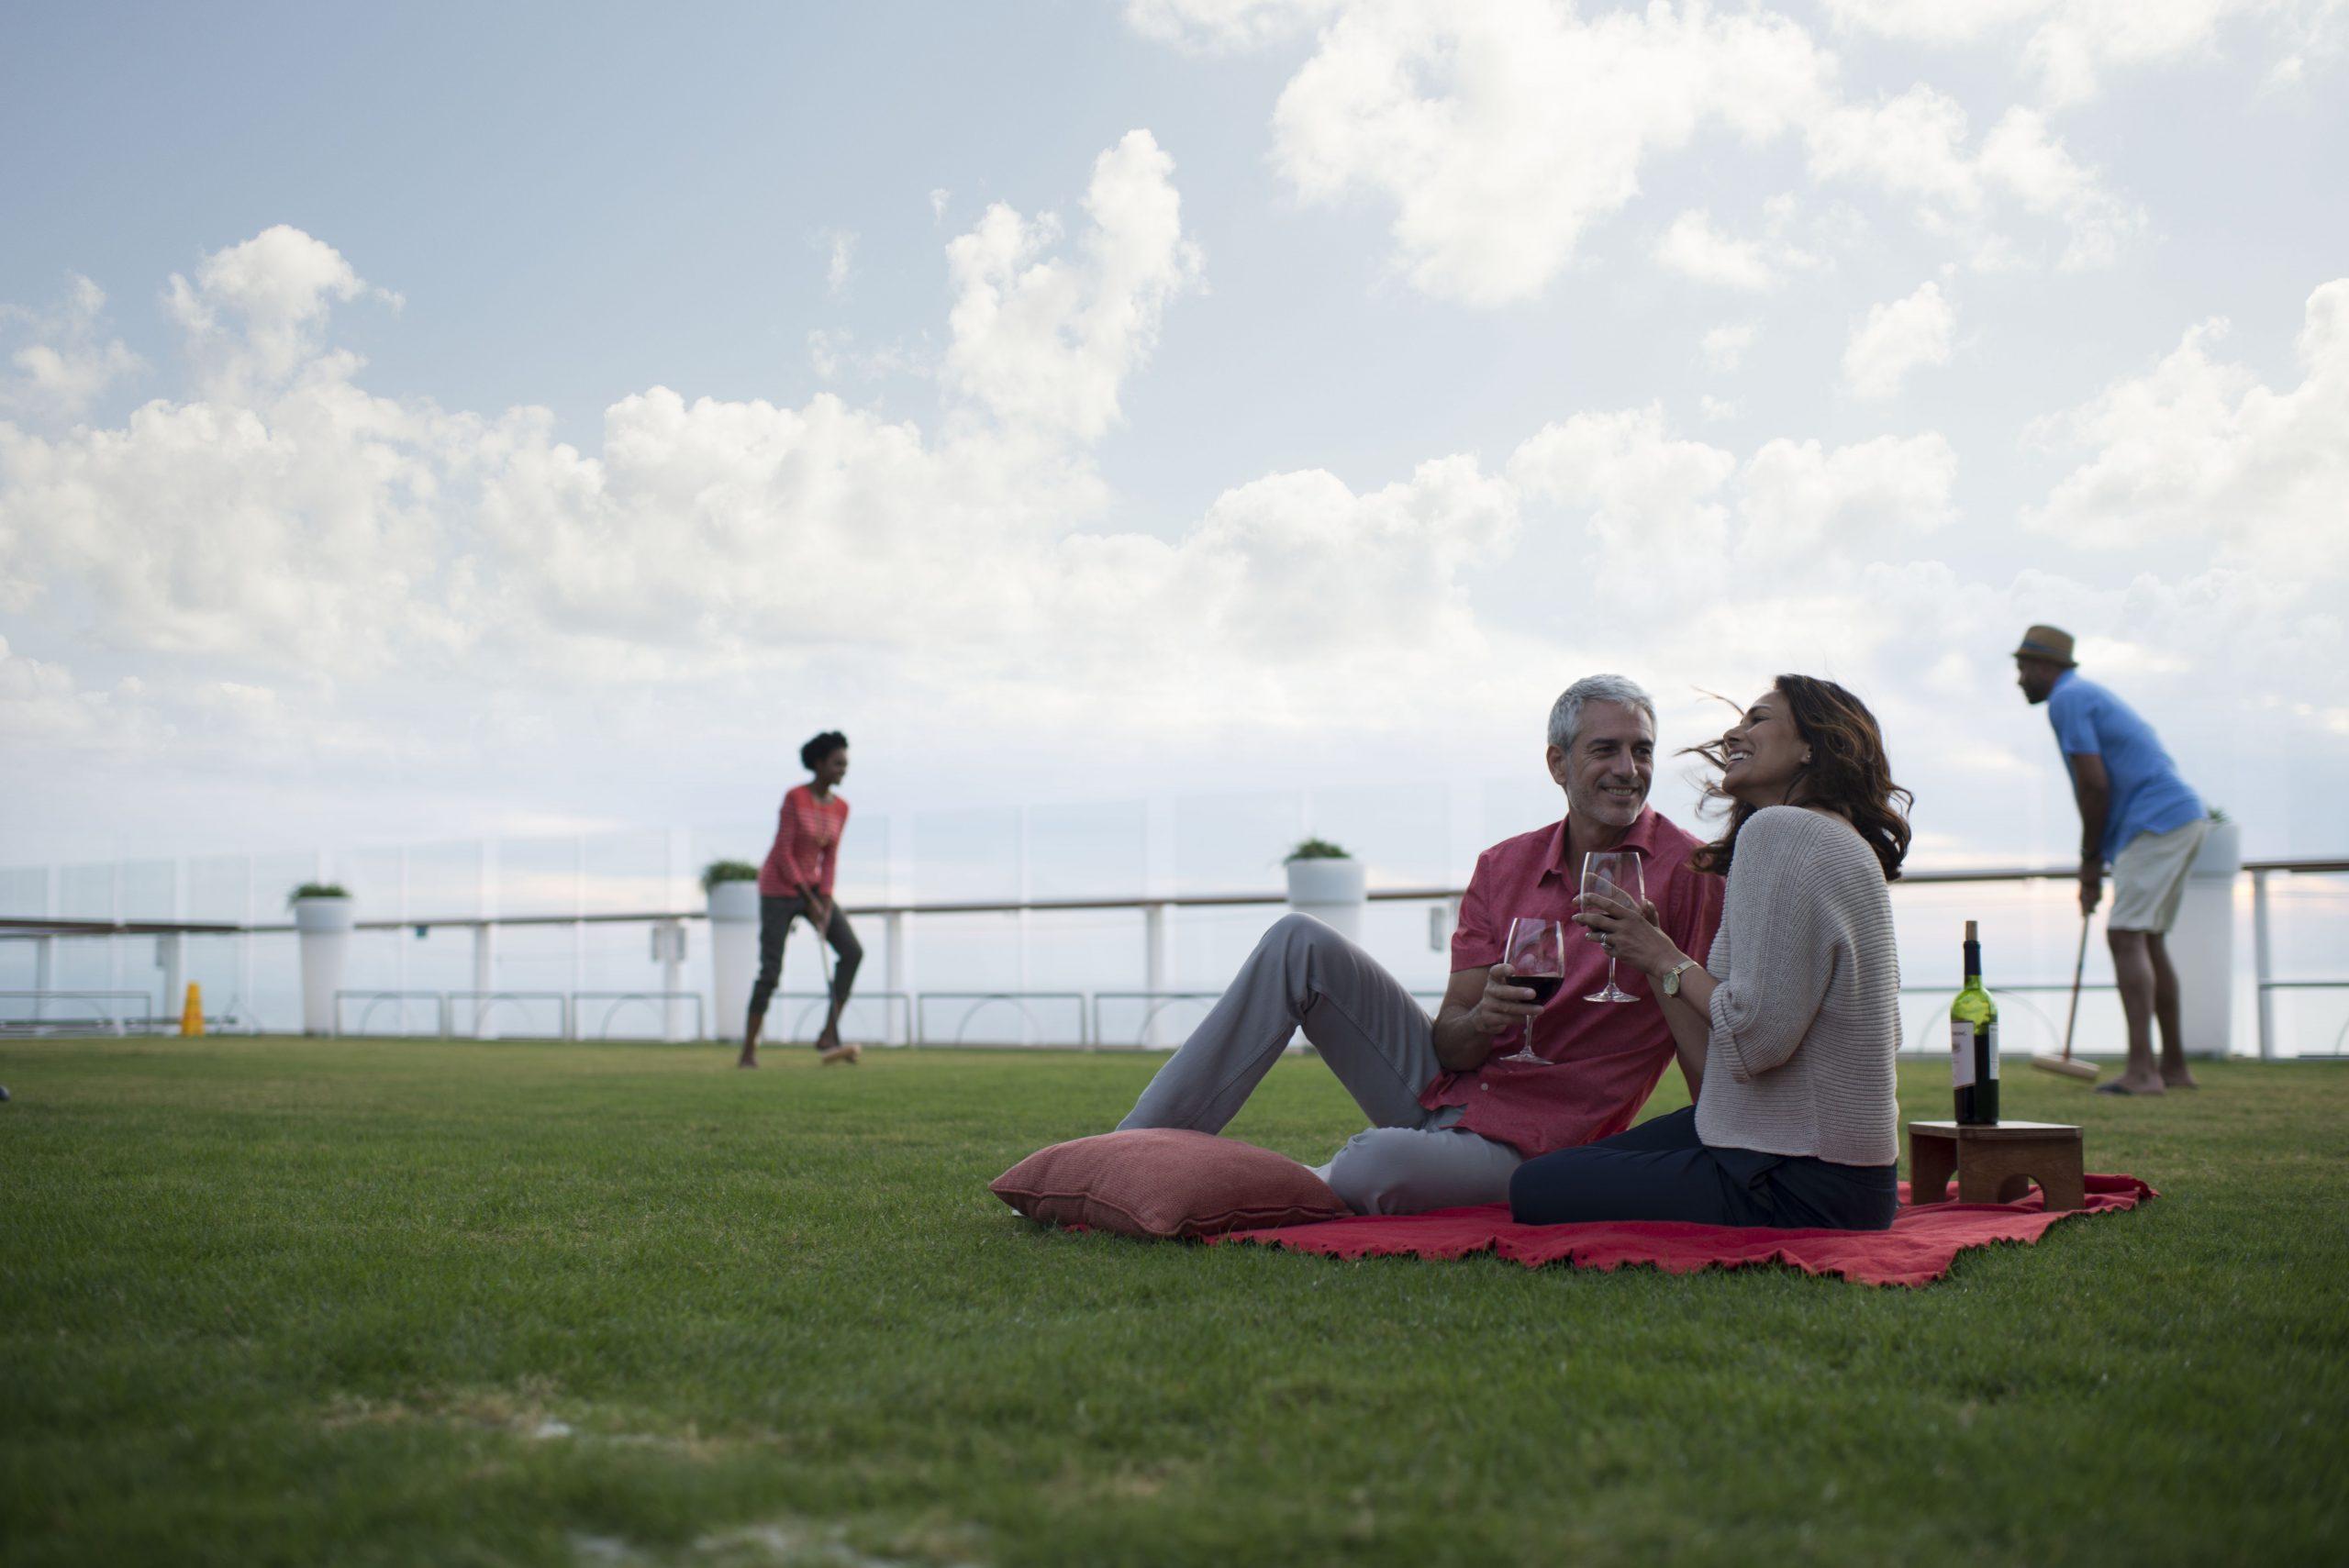 Picknick på grön gräsmatta omborrd Celebrity Equinox